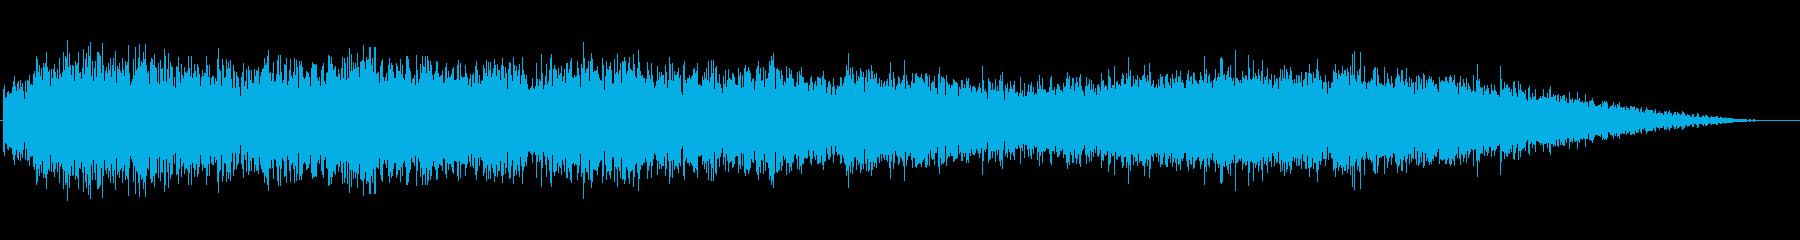 ベッドコールド、ダンクドローンとシマーの再生済みの波形